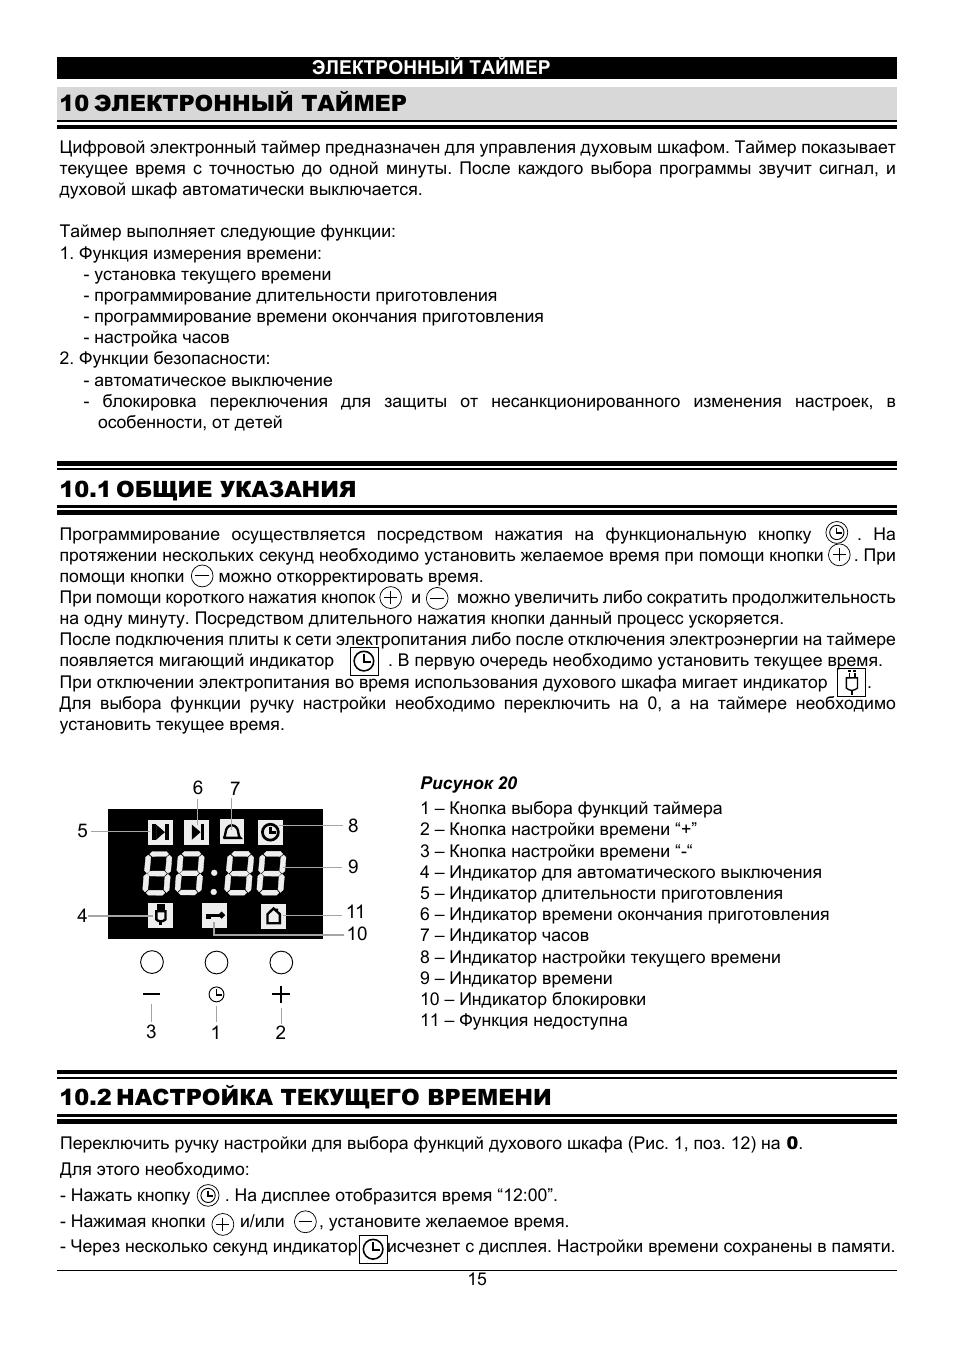 Фрамтид ov9 инструкция по применению